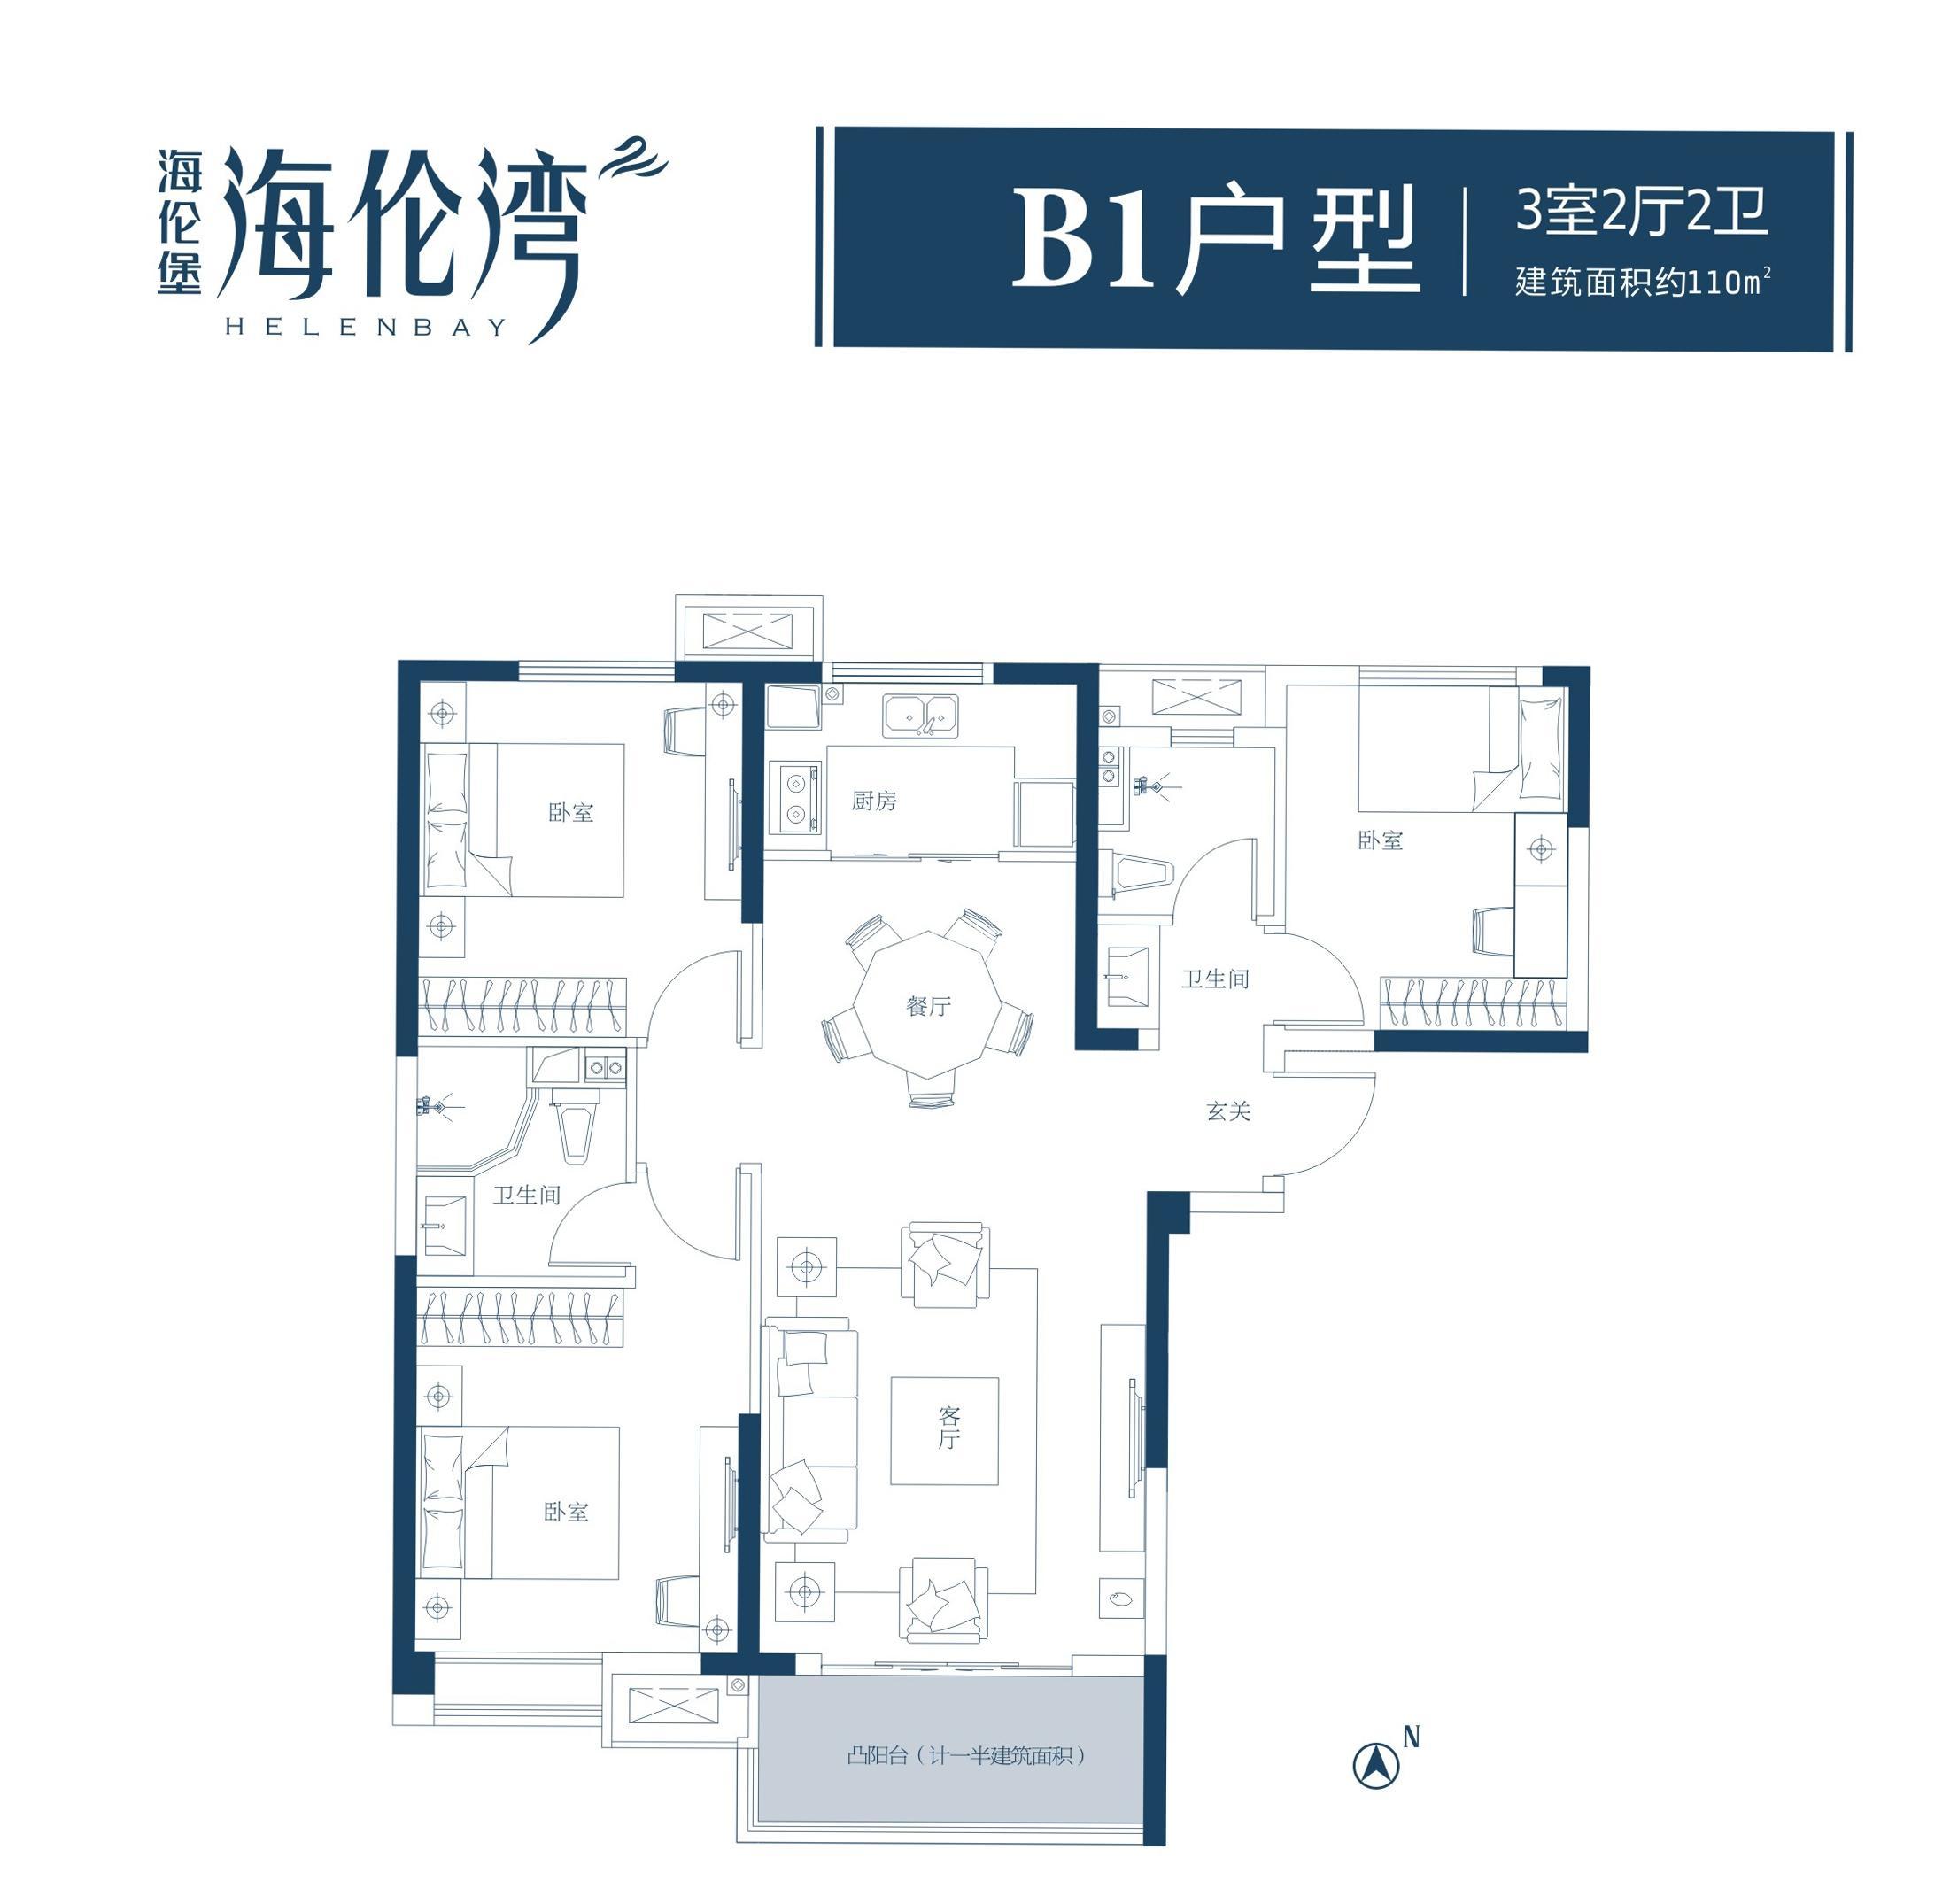 海伦湾三室两厅110㎡B1户型图